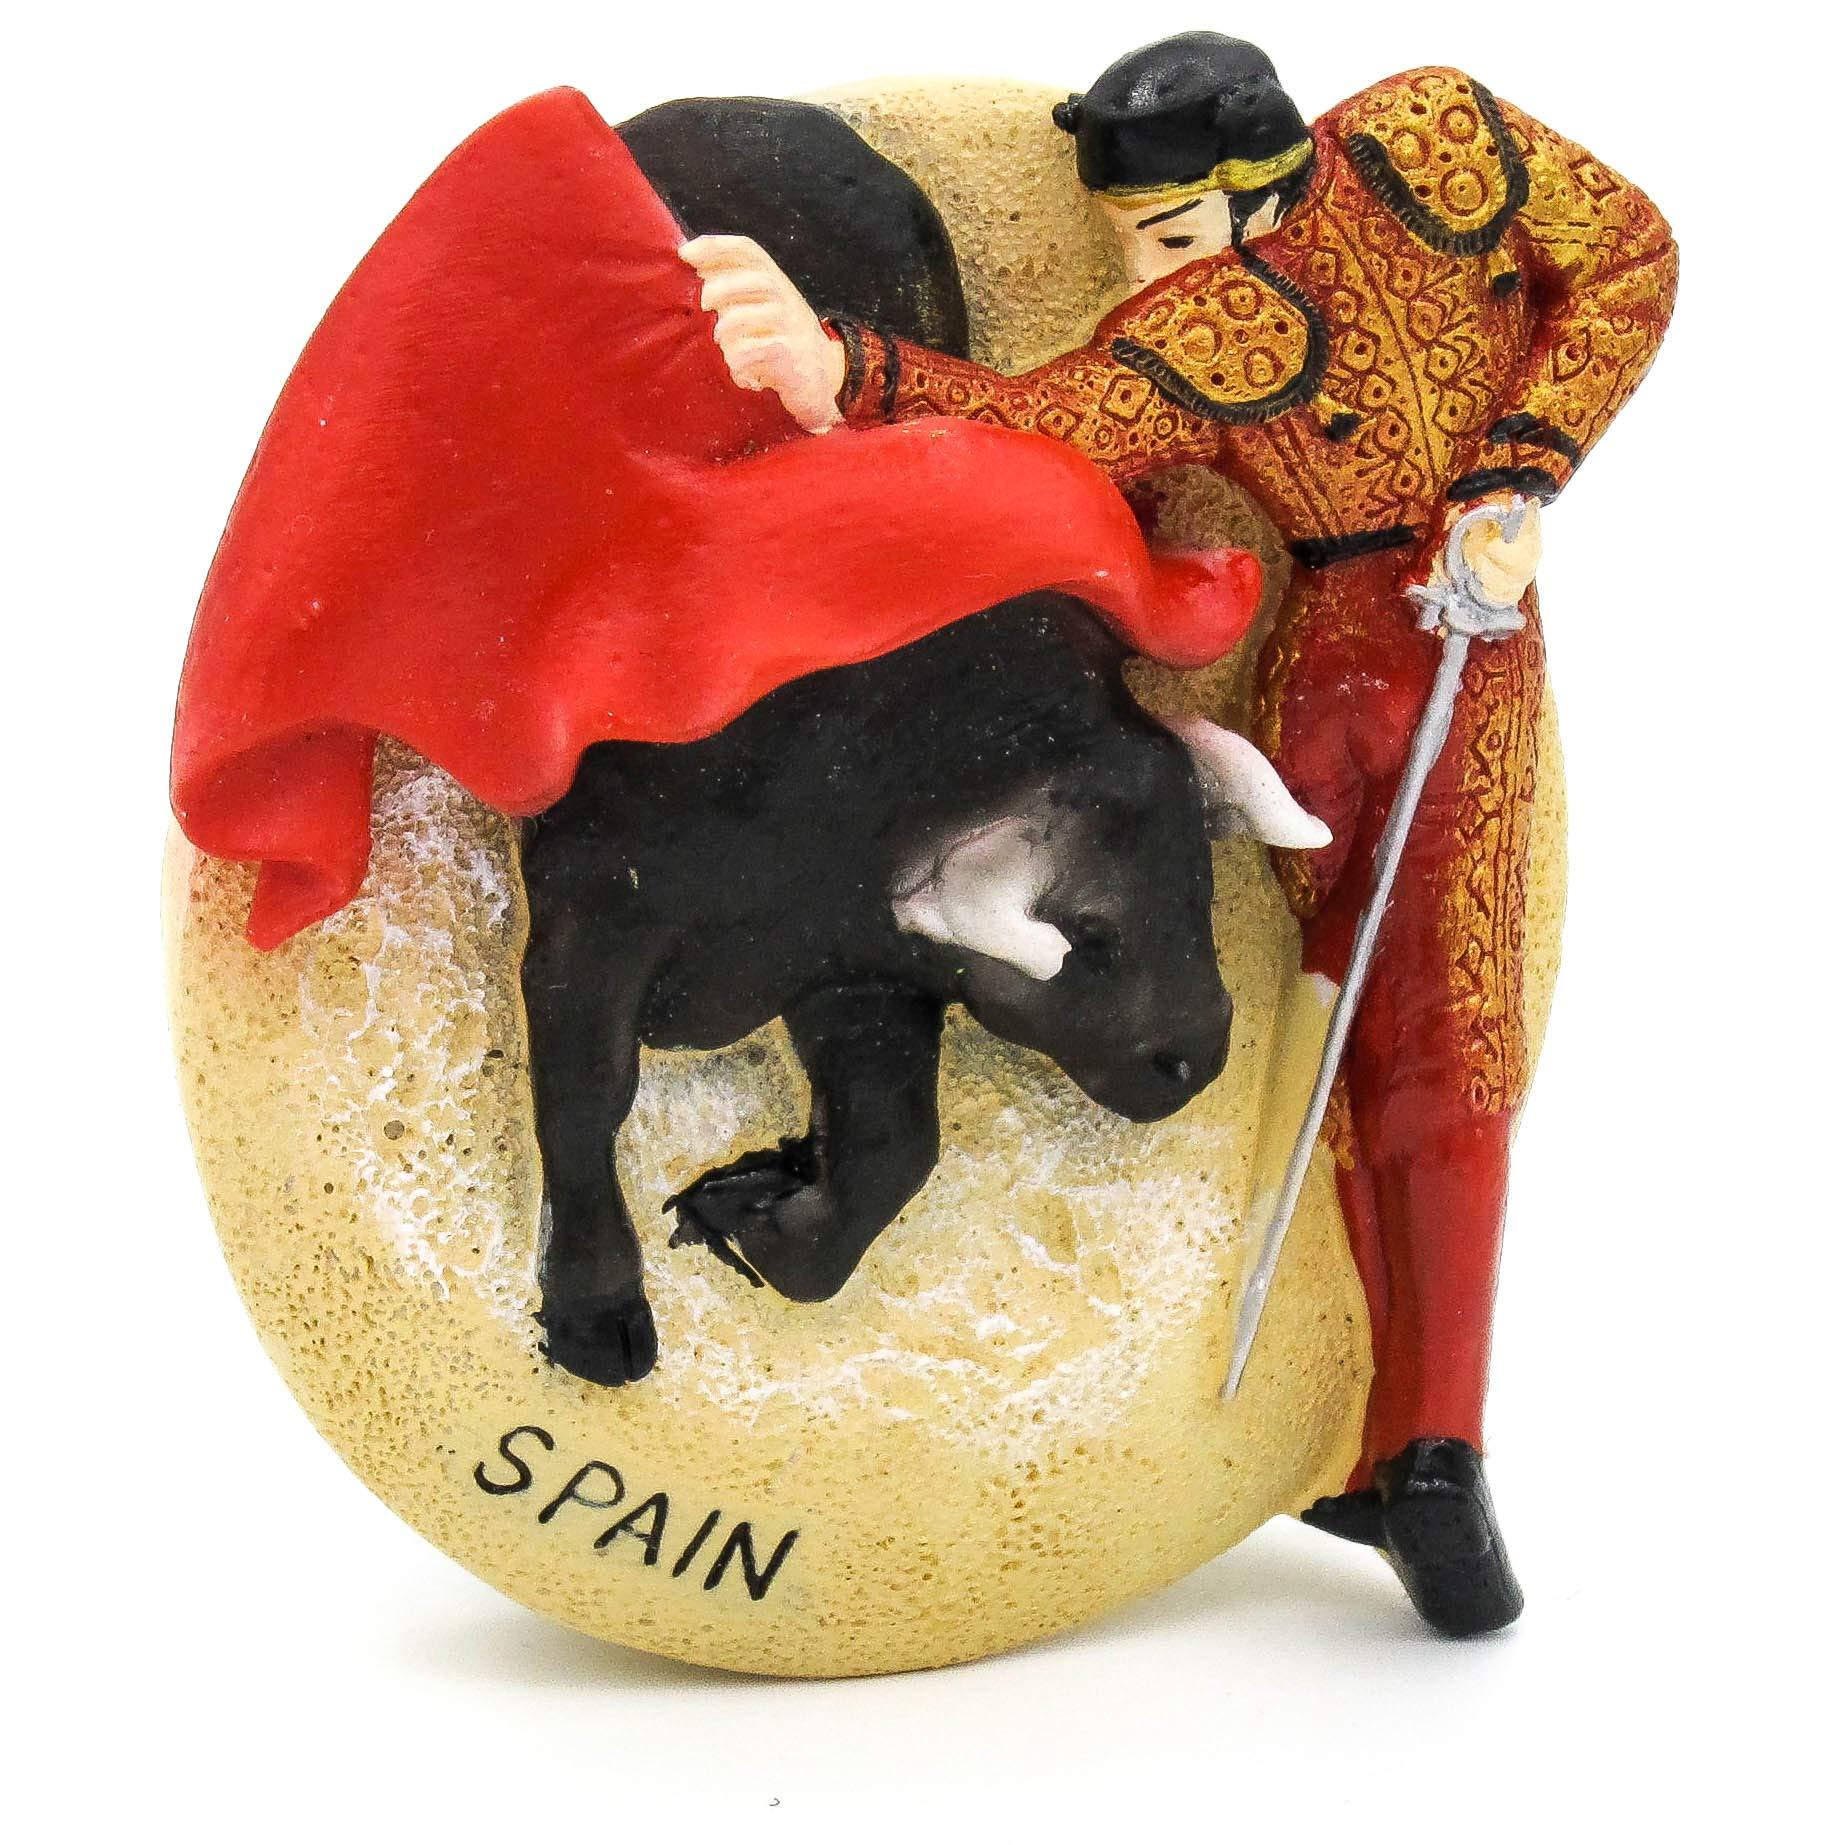 Corrida de toros España Pintado a mano Imán de resina 3D Nevera Parque de la Sagrada Familia Güell Alhambra Casa Batlló La Rambla, Barcelona Palacio Real de Madrid Museo del Prado Plaza